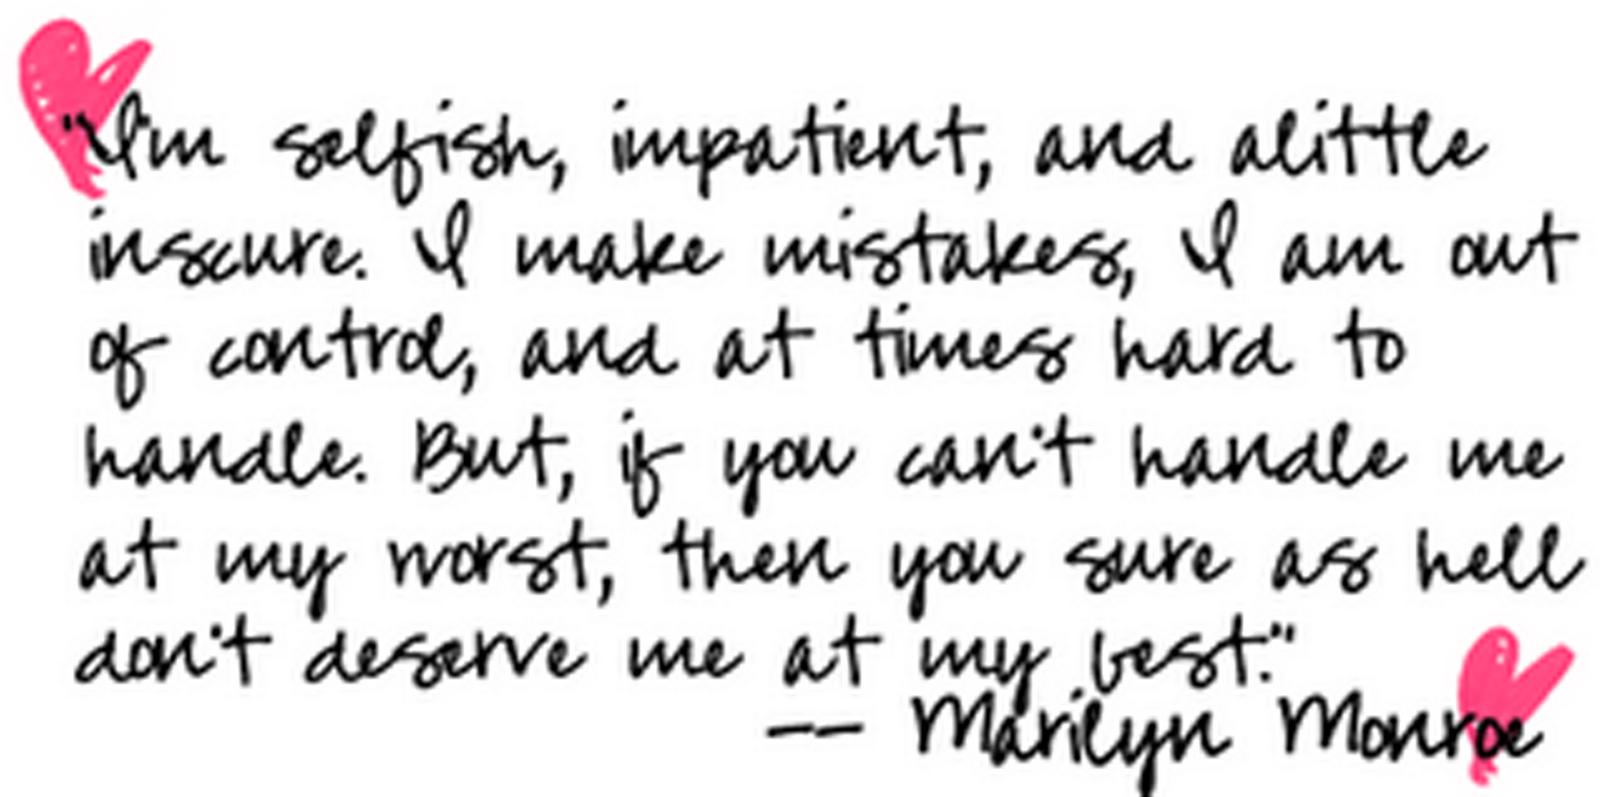 http://2.bp.blogspot.com/-EICsPfHumcE/T-GXivw5ZEI/AAAAAAAAAgU/0WgM6jzrYT4/s1600/marilyn-monroe-quotes-women-ladies-girls-inspirations-inspire+%285%29.png